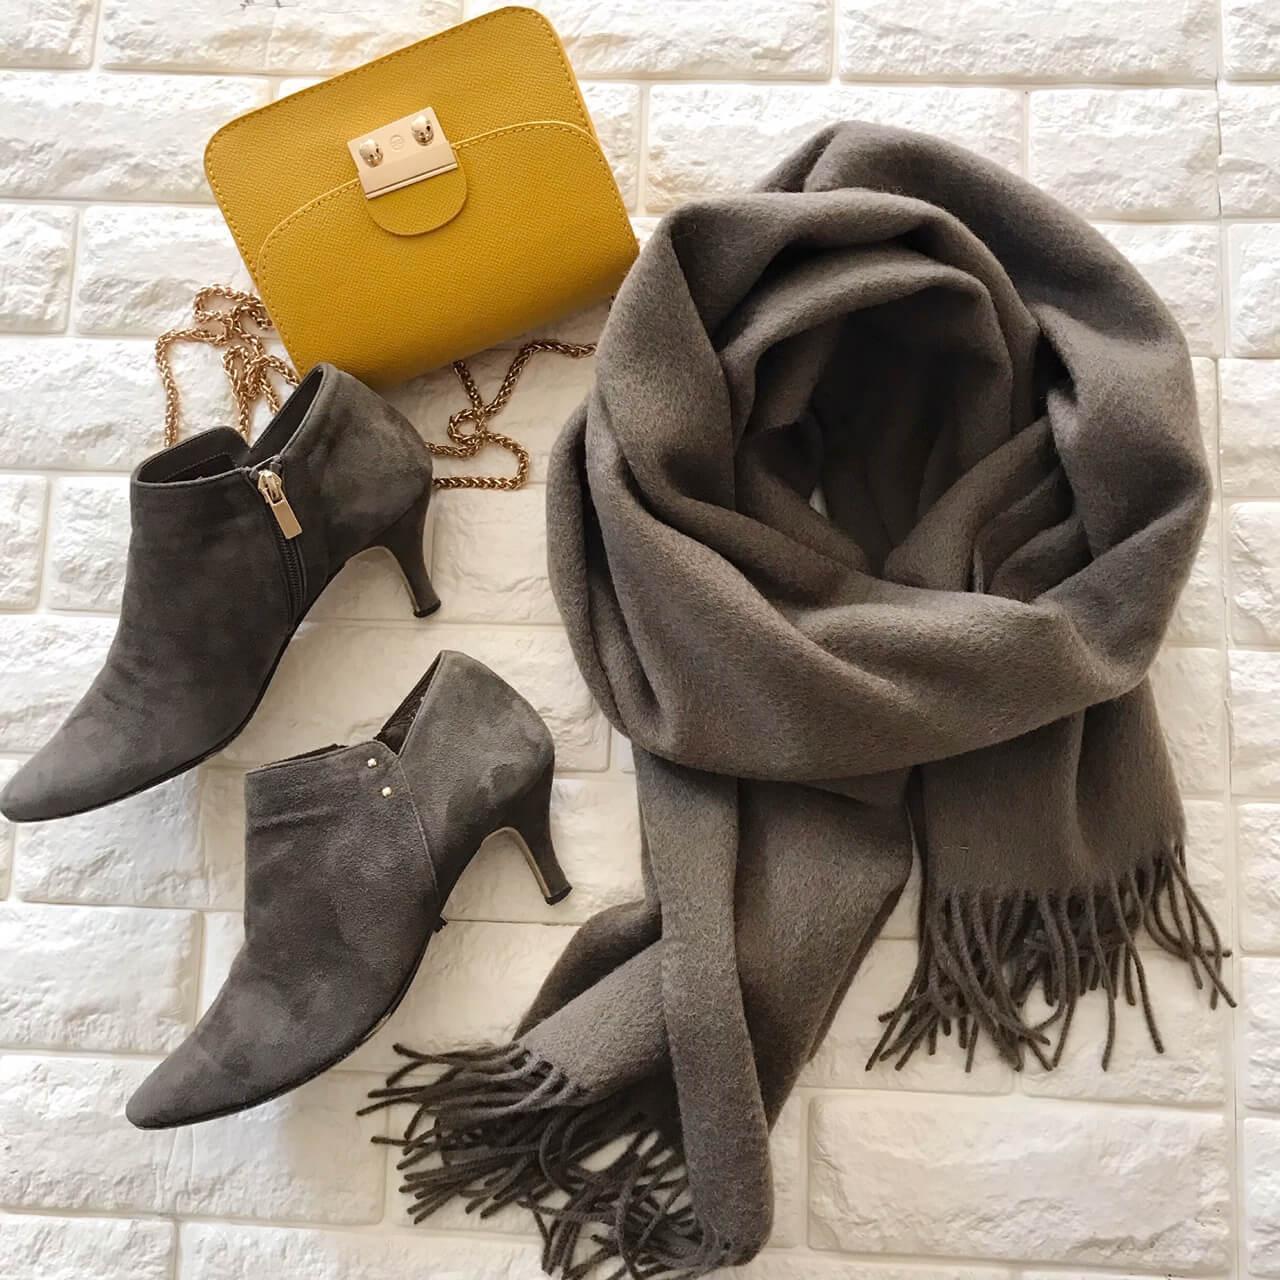 ミラオーウェンのストールと私物のブーツとバッグを合わせた画像